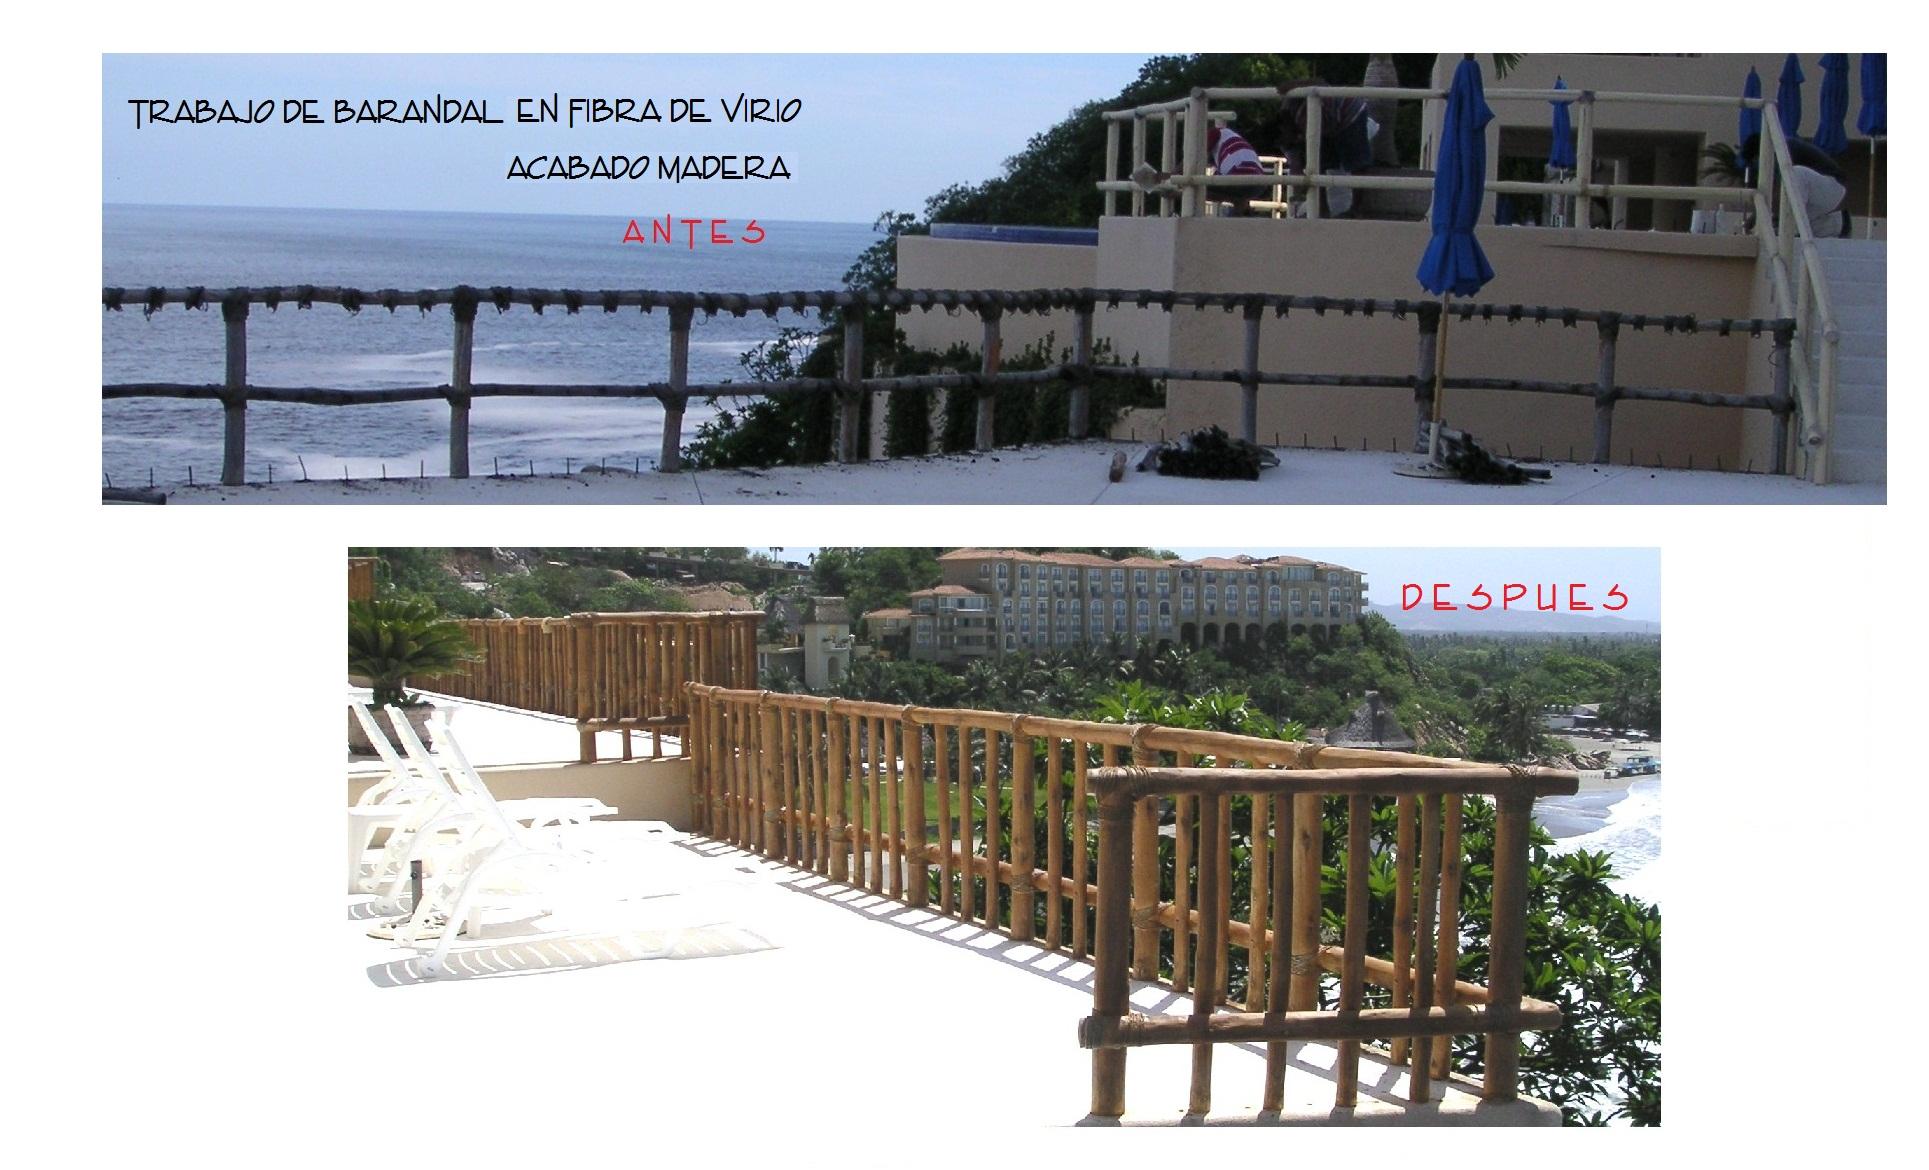 BARANDALES ACABADO MADERA